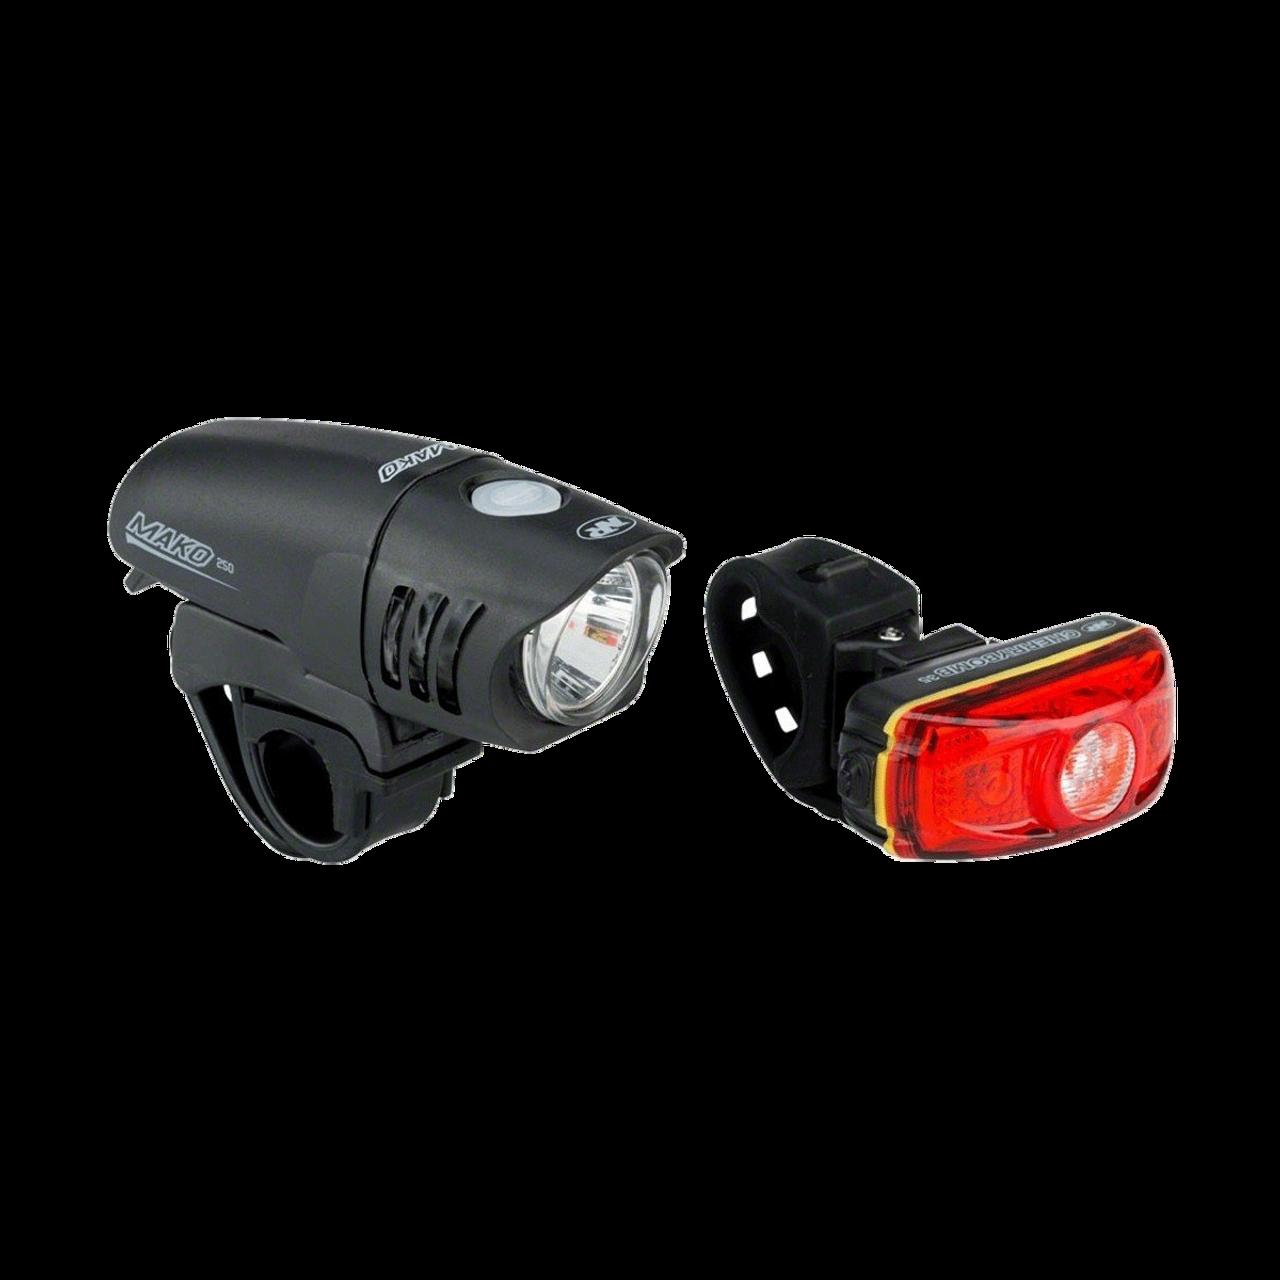 NiteRider Mako 200 / CherryBomb 35 Light Set